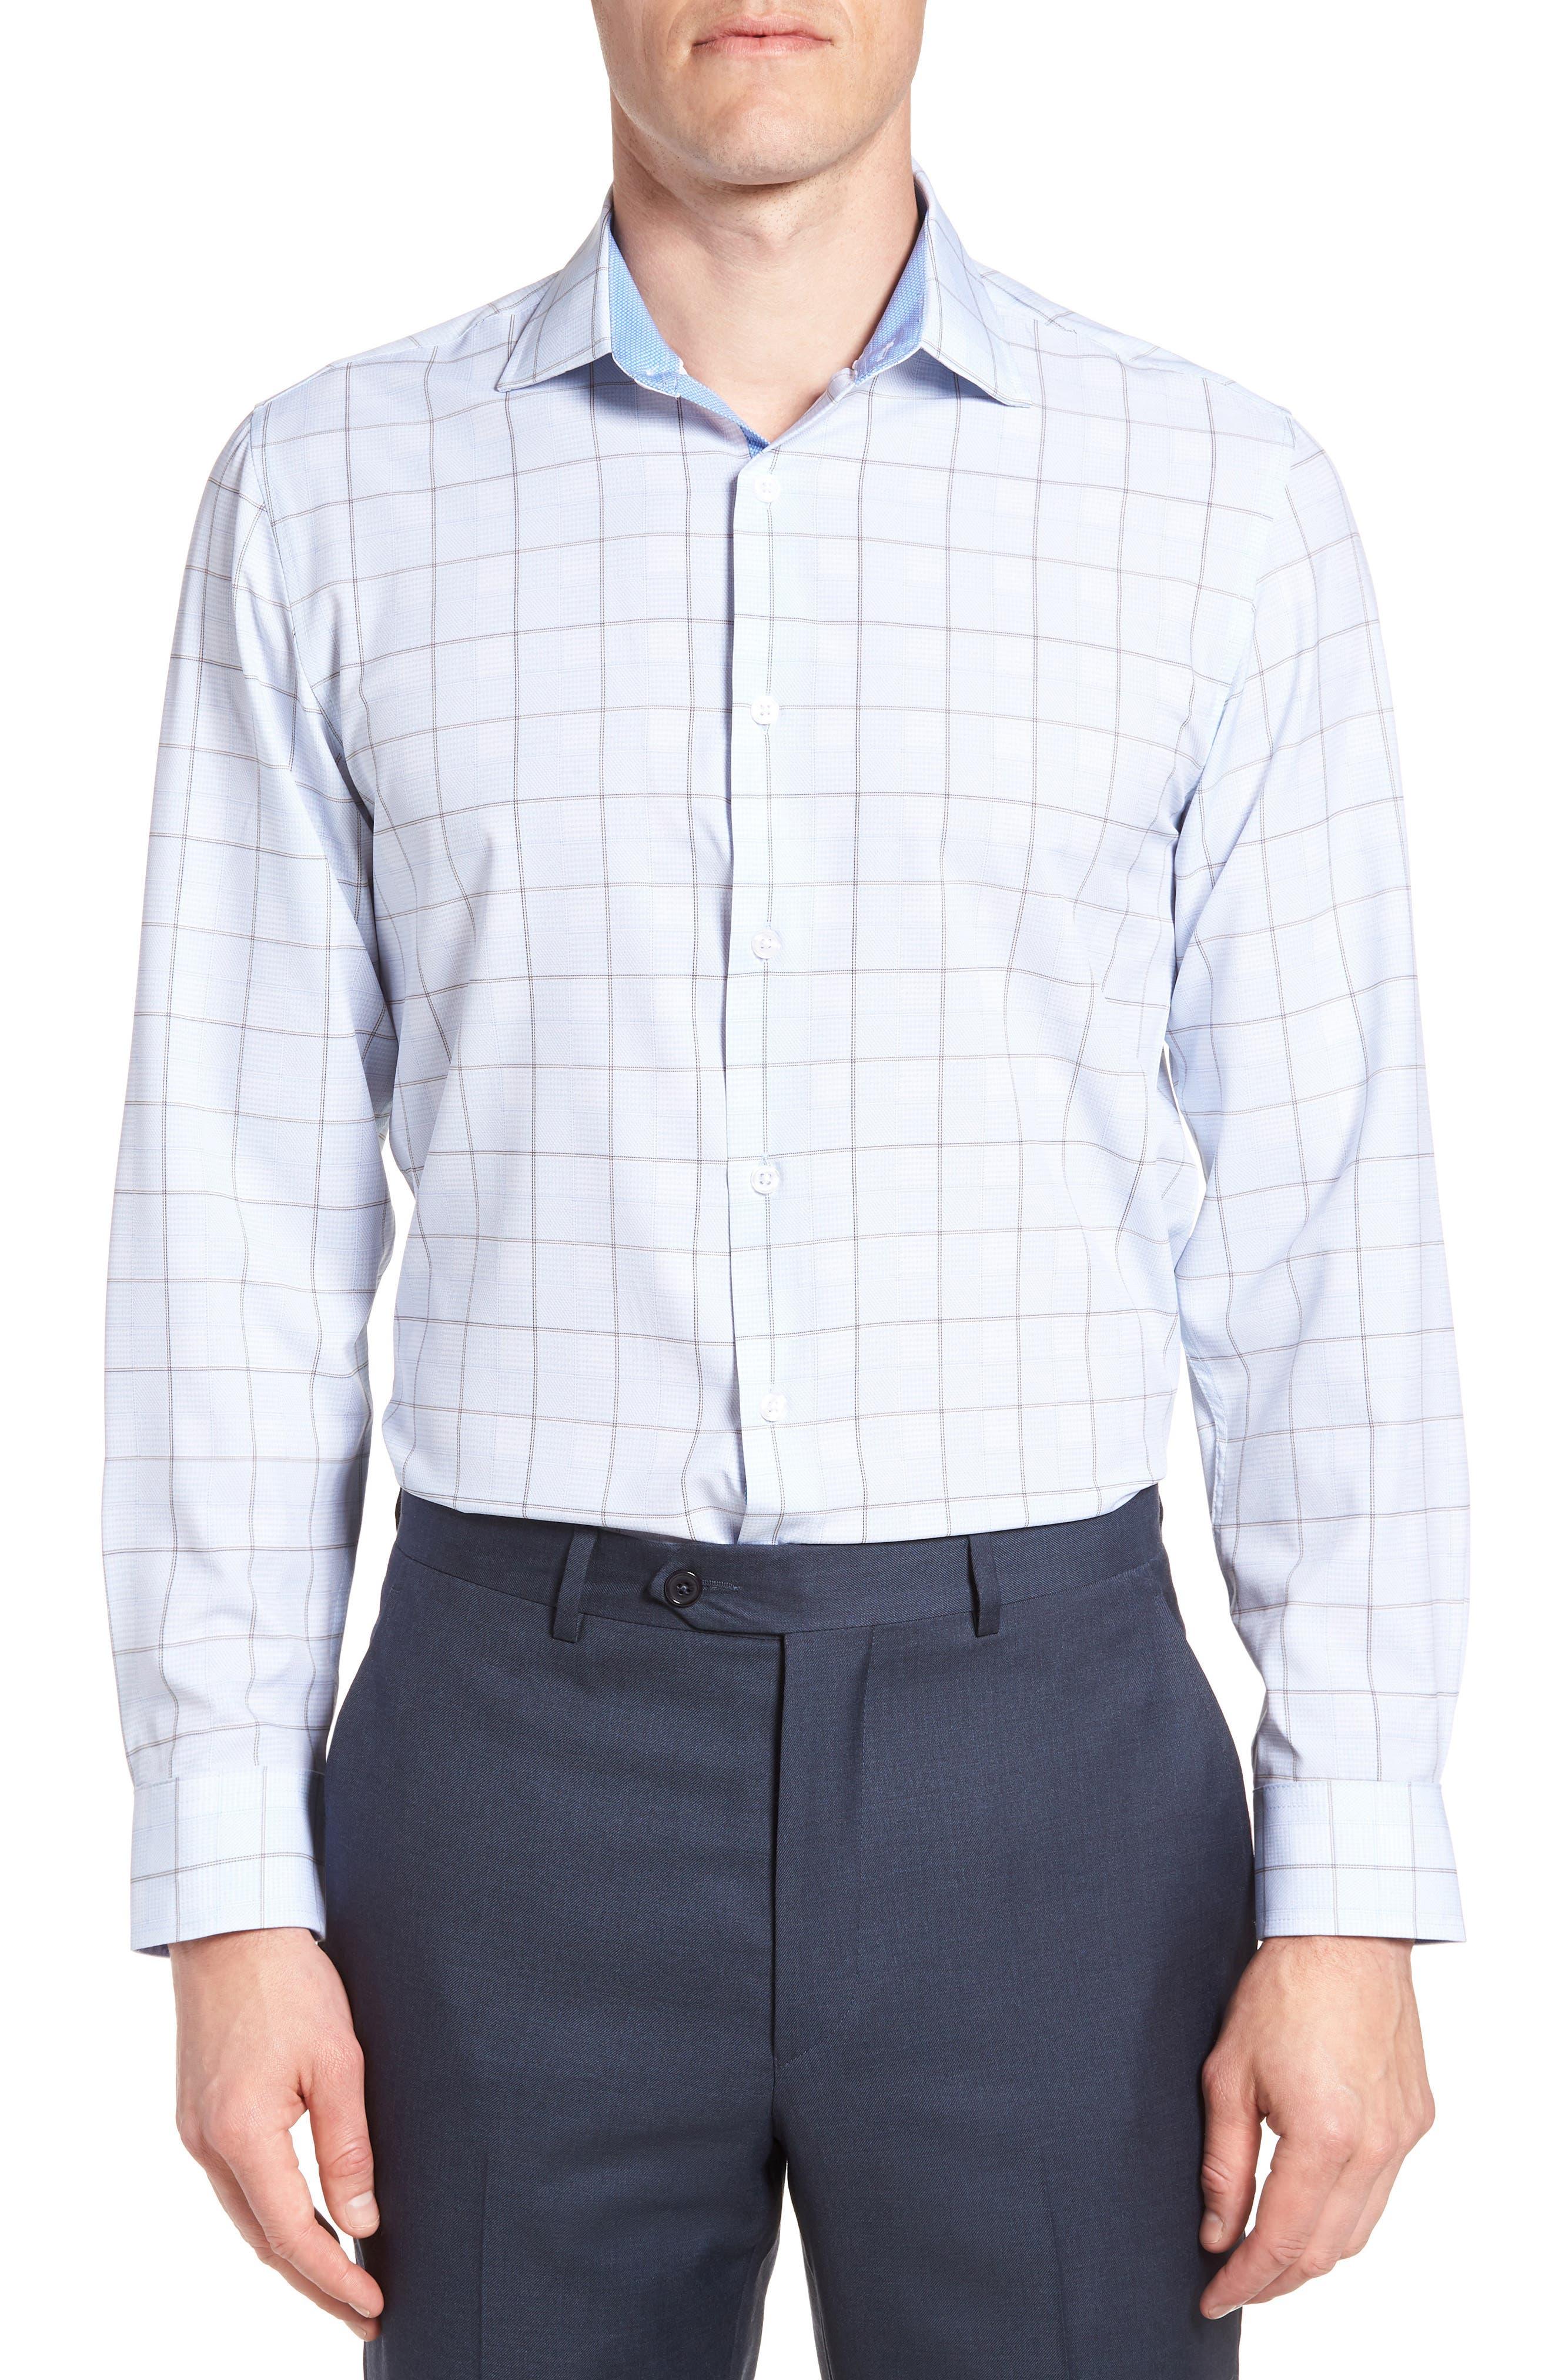 Trim Fit Plaid 4-Way Stretch Dress Shirt,                         Main,                         color, BLUE